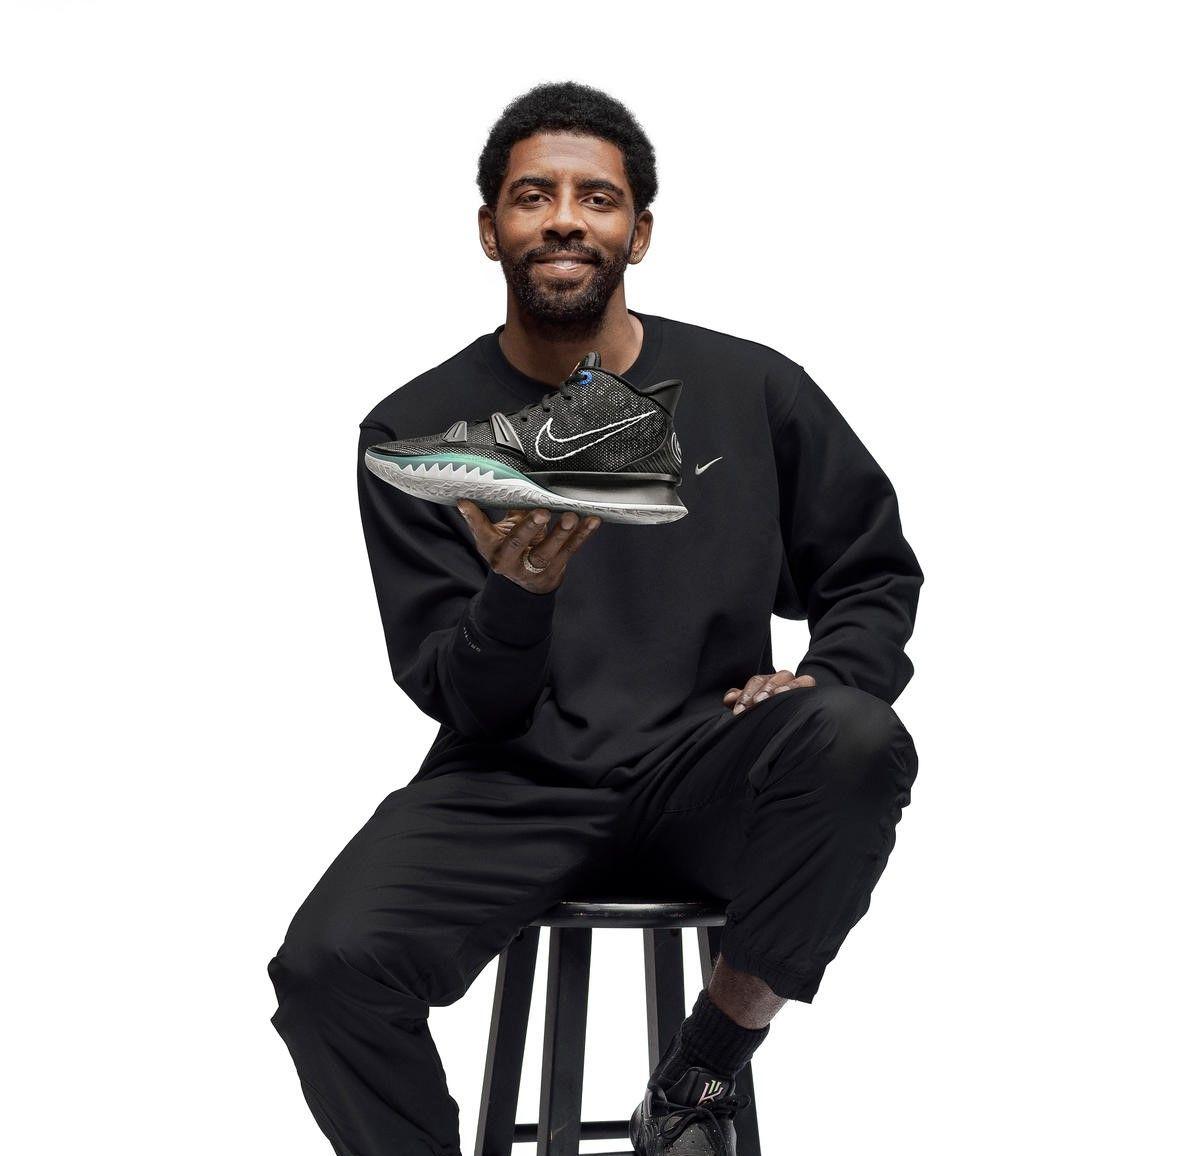 Nike Kyrie 7 krepšinio kedai: kai improvizacija sutinka meistriškumą